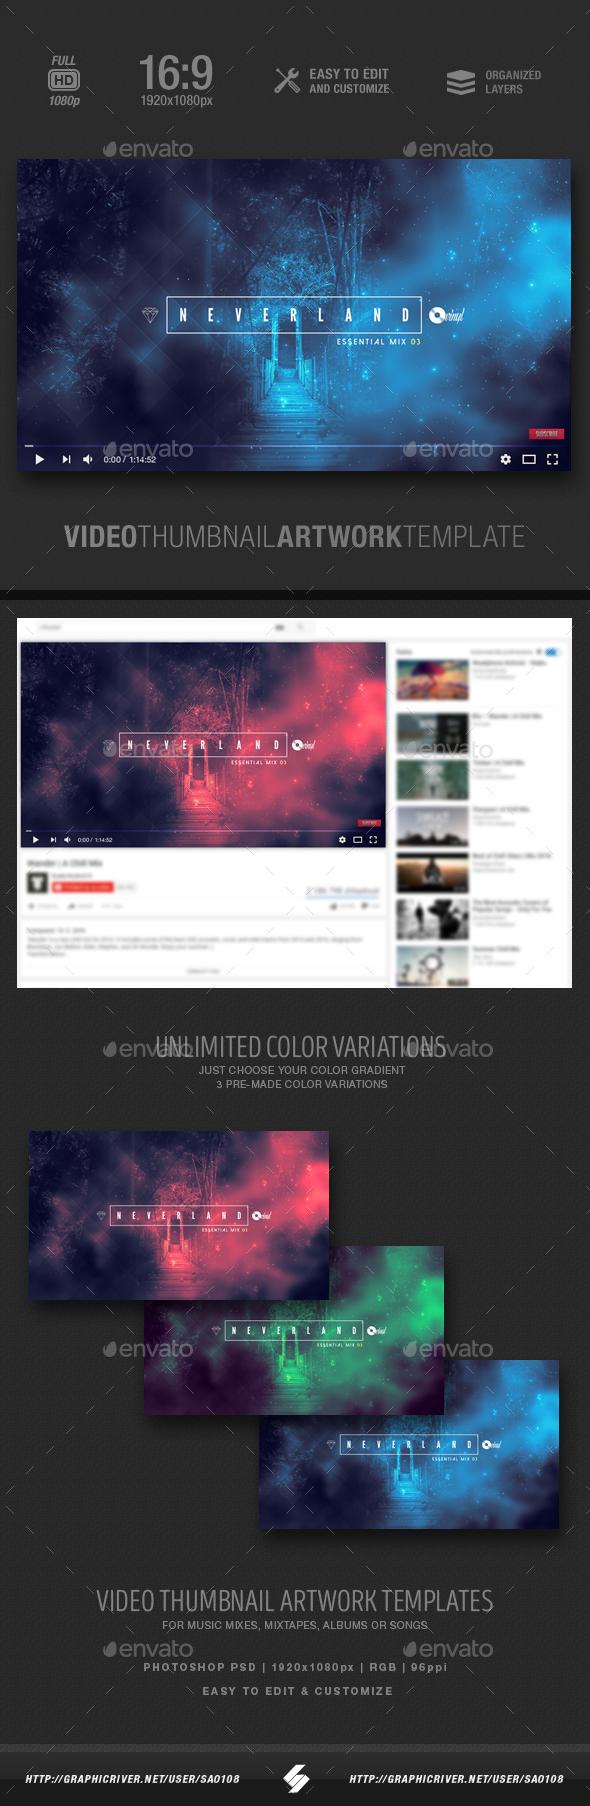 Neverland - Video Thumbnail Artwork Template - YouTube Social Media